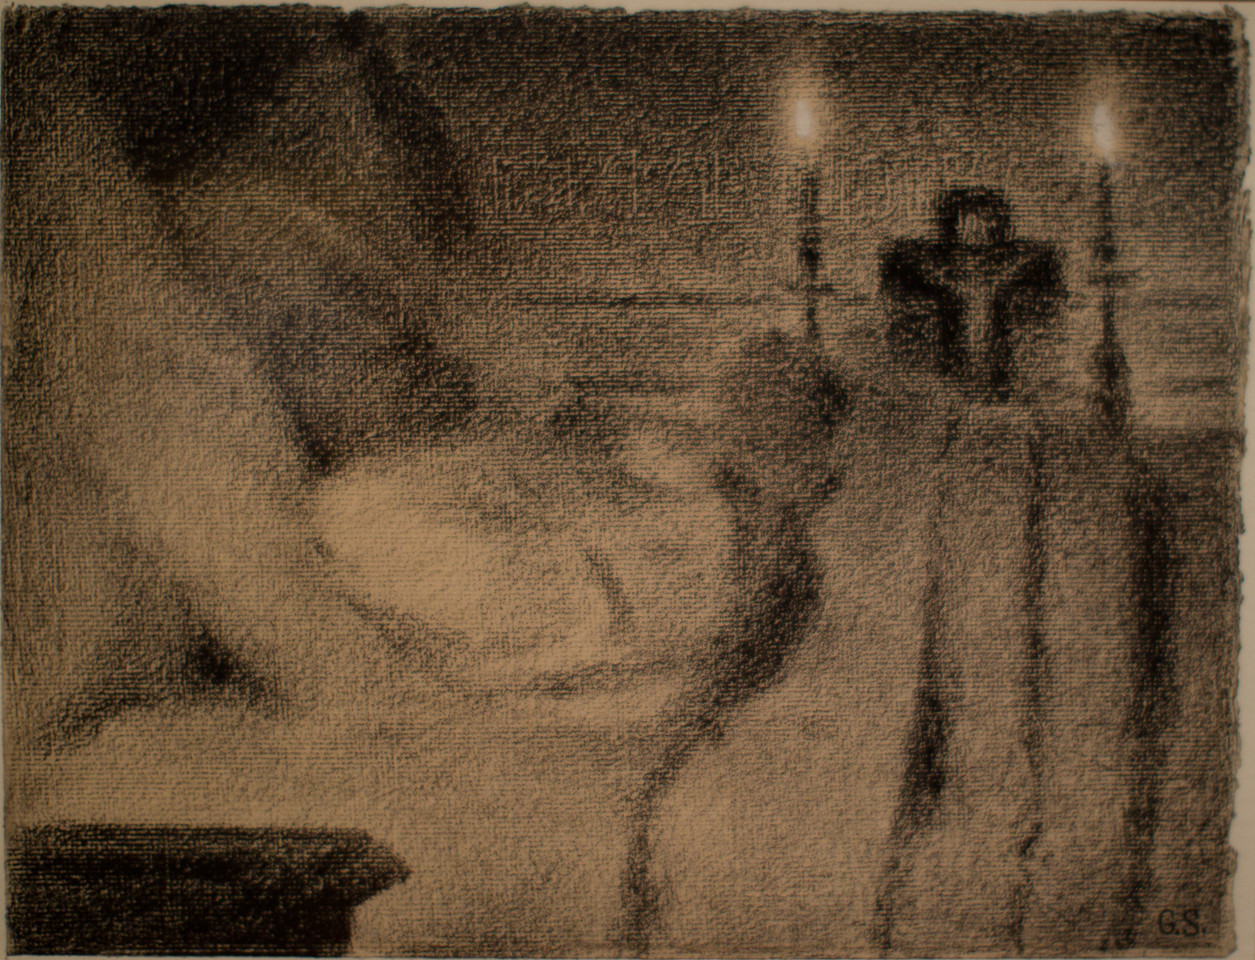 Georges Seurat's Anaïs Faivre Haumonté on her Deathbed, 1887